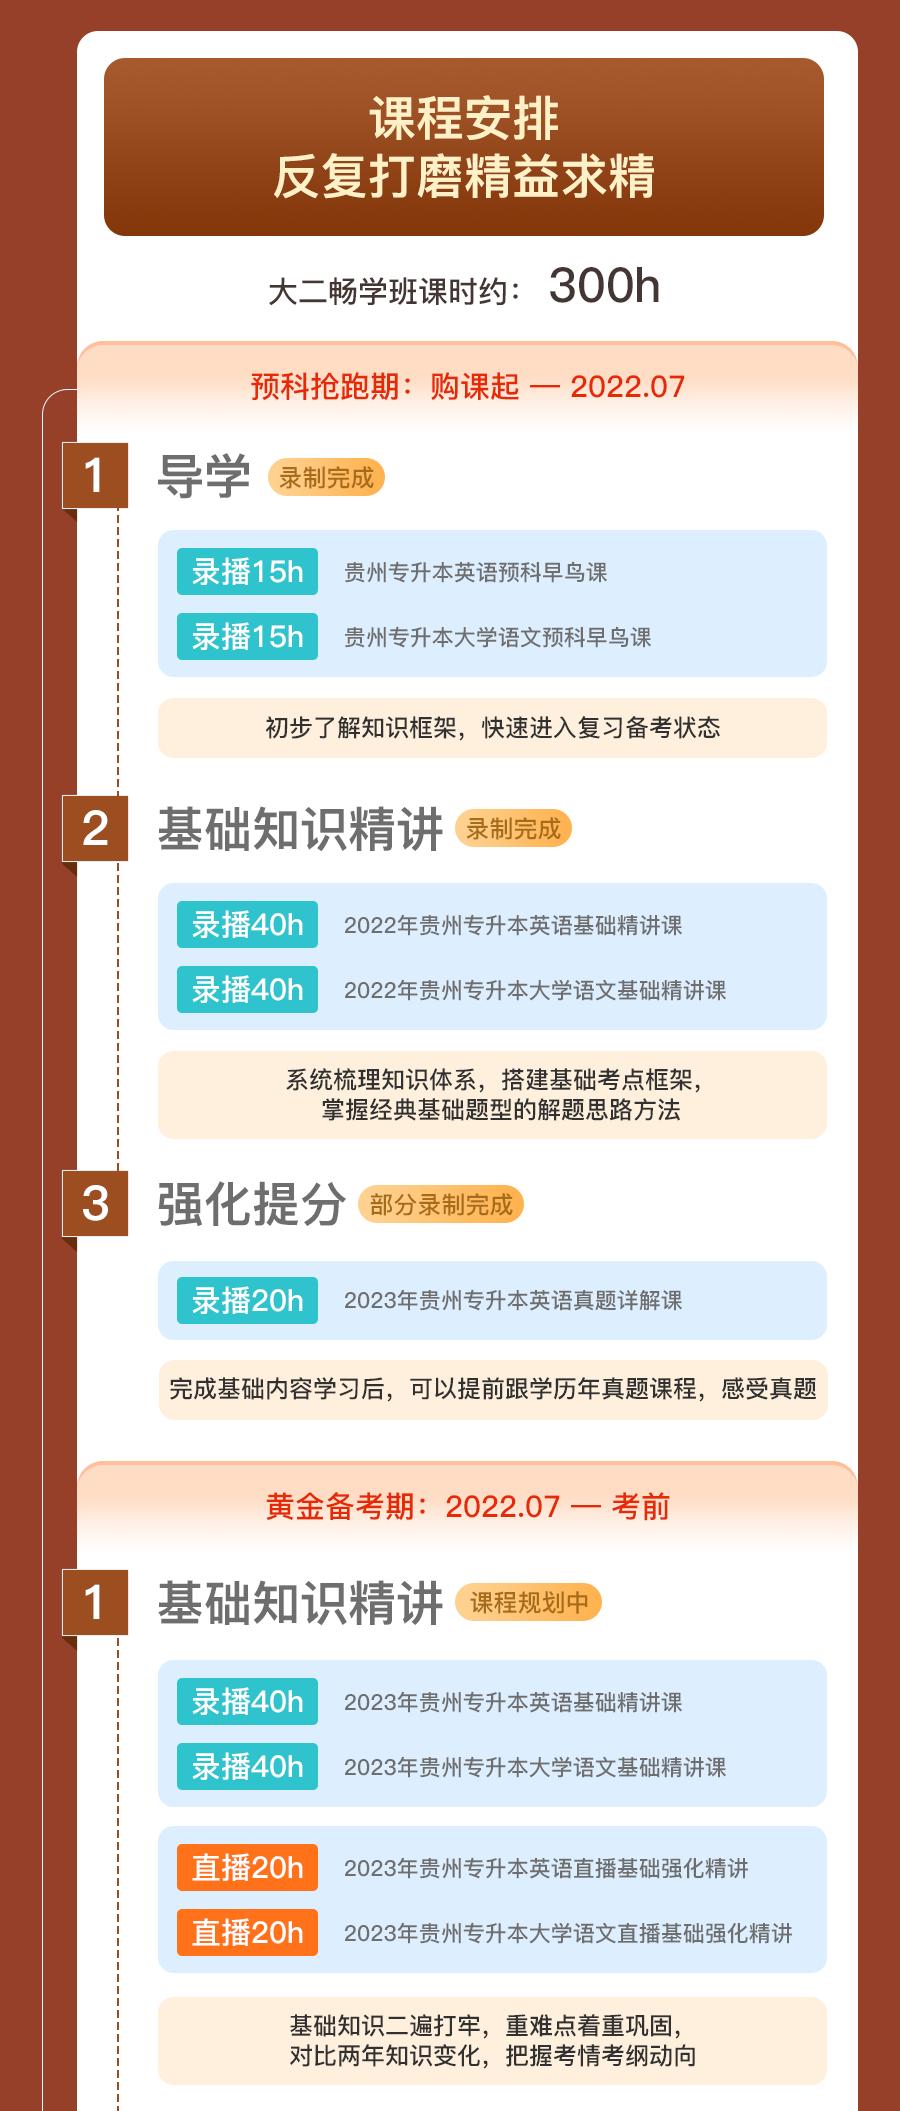 大二畅学班-贵州-英语+大学语文_03.png